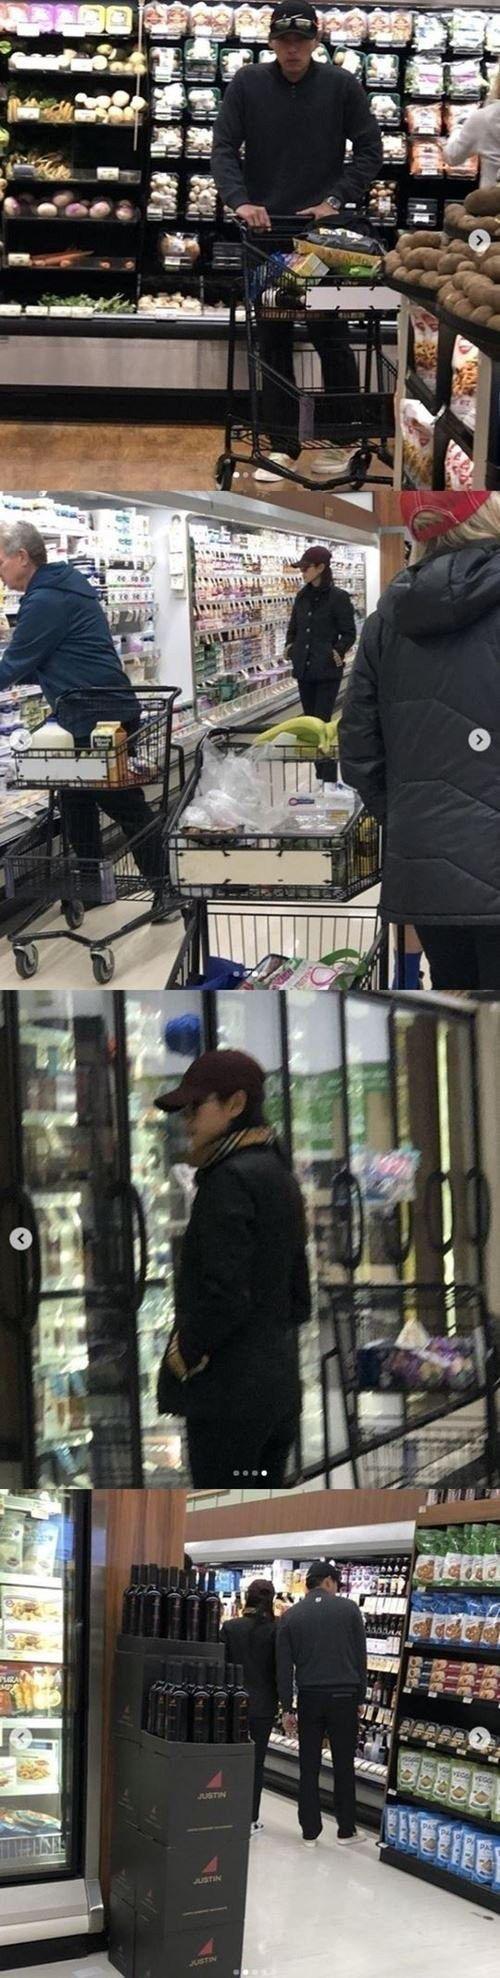 Hyun Bin và Son Ye Jin xác nhận đóng chính trong phim lãng mạn mới 7